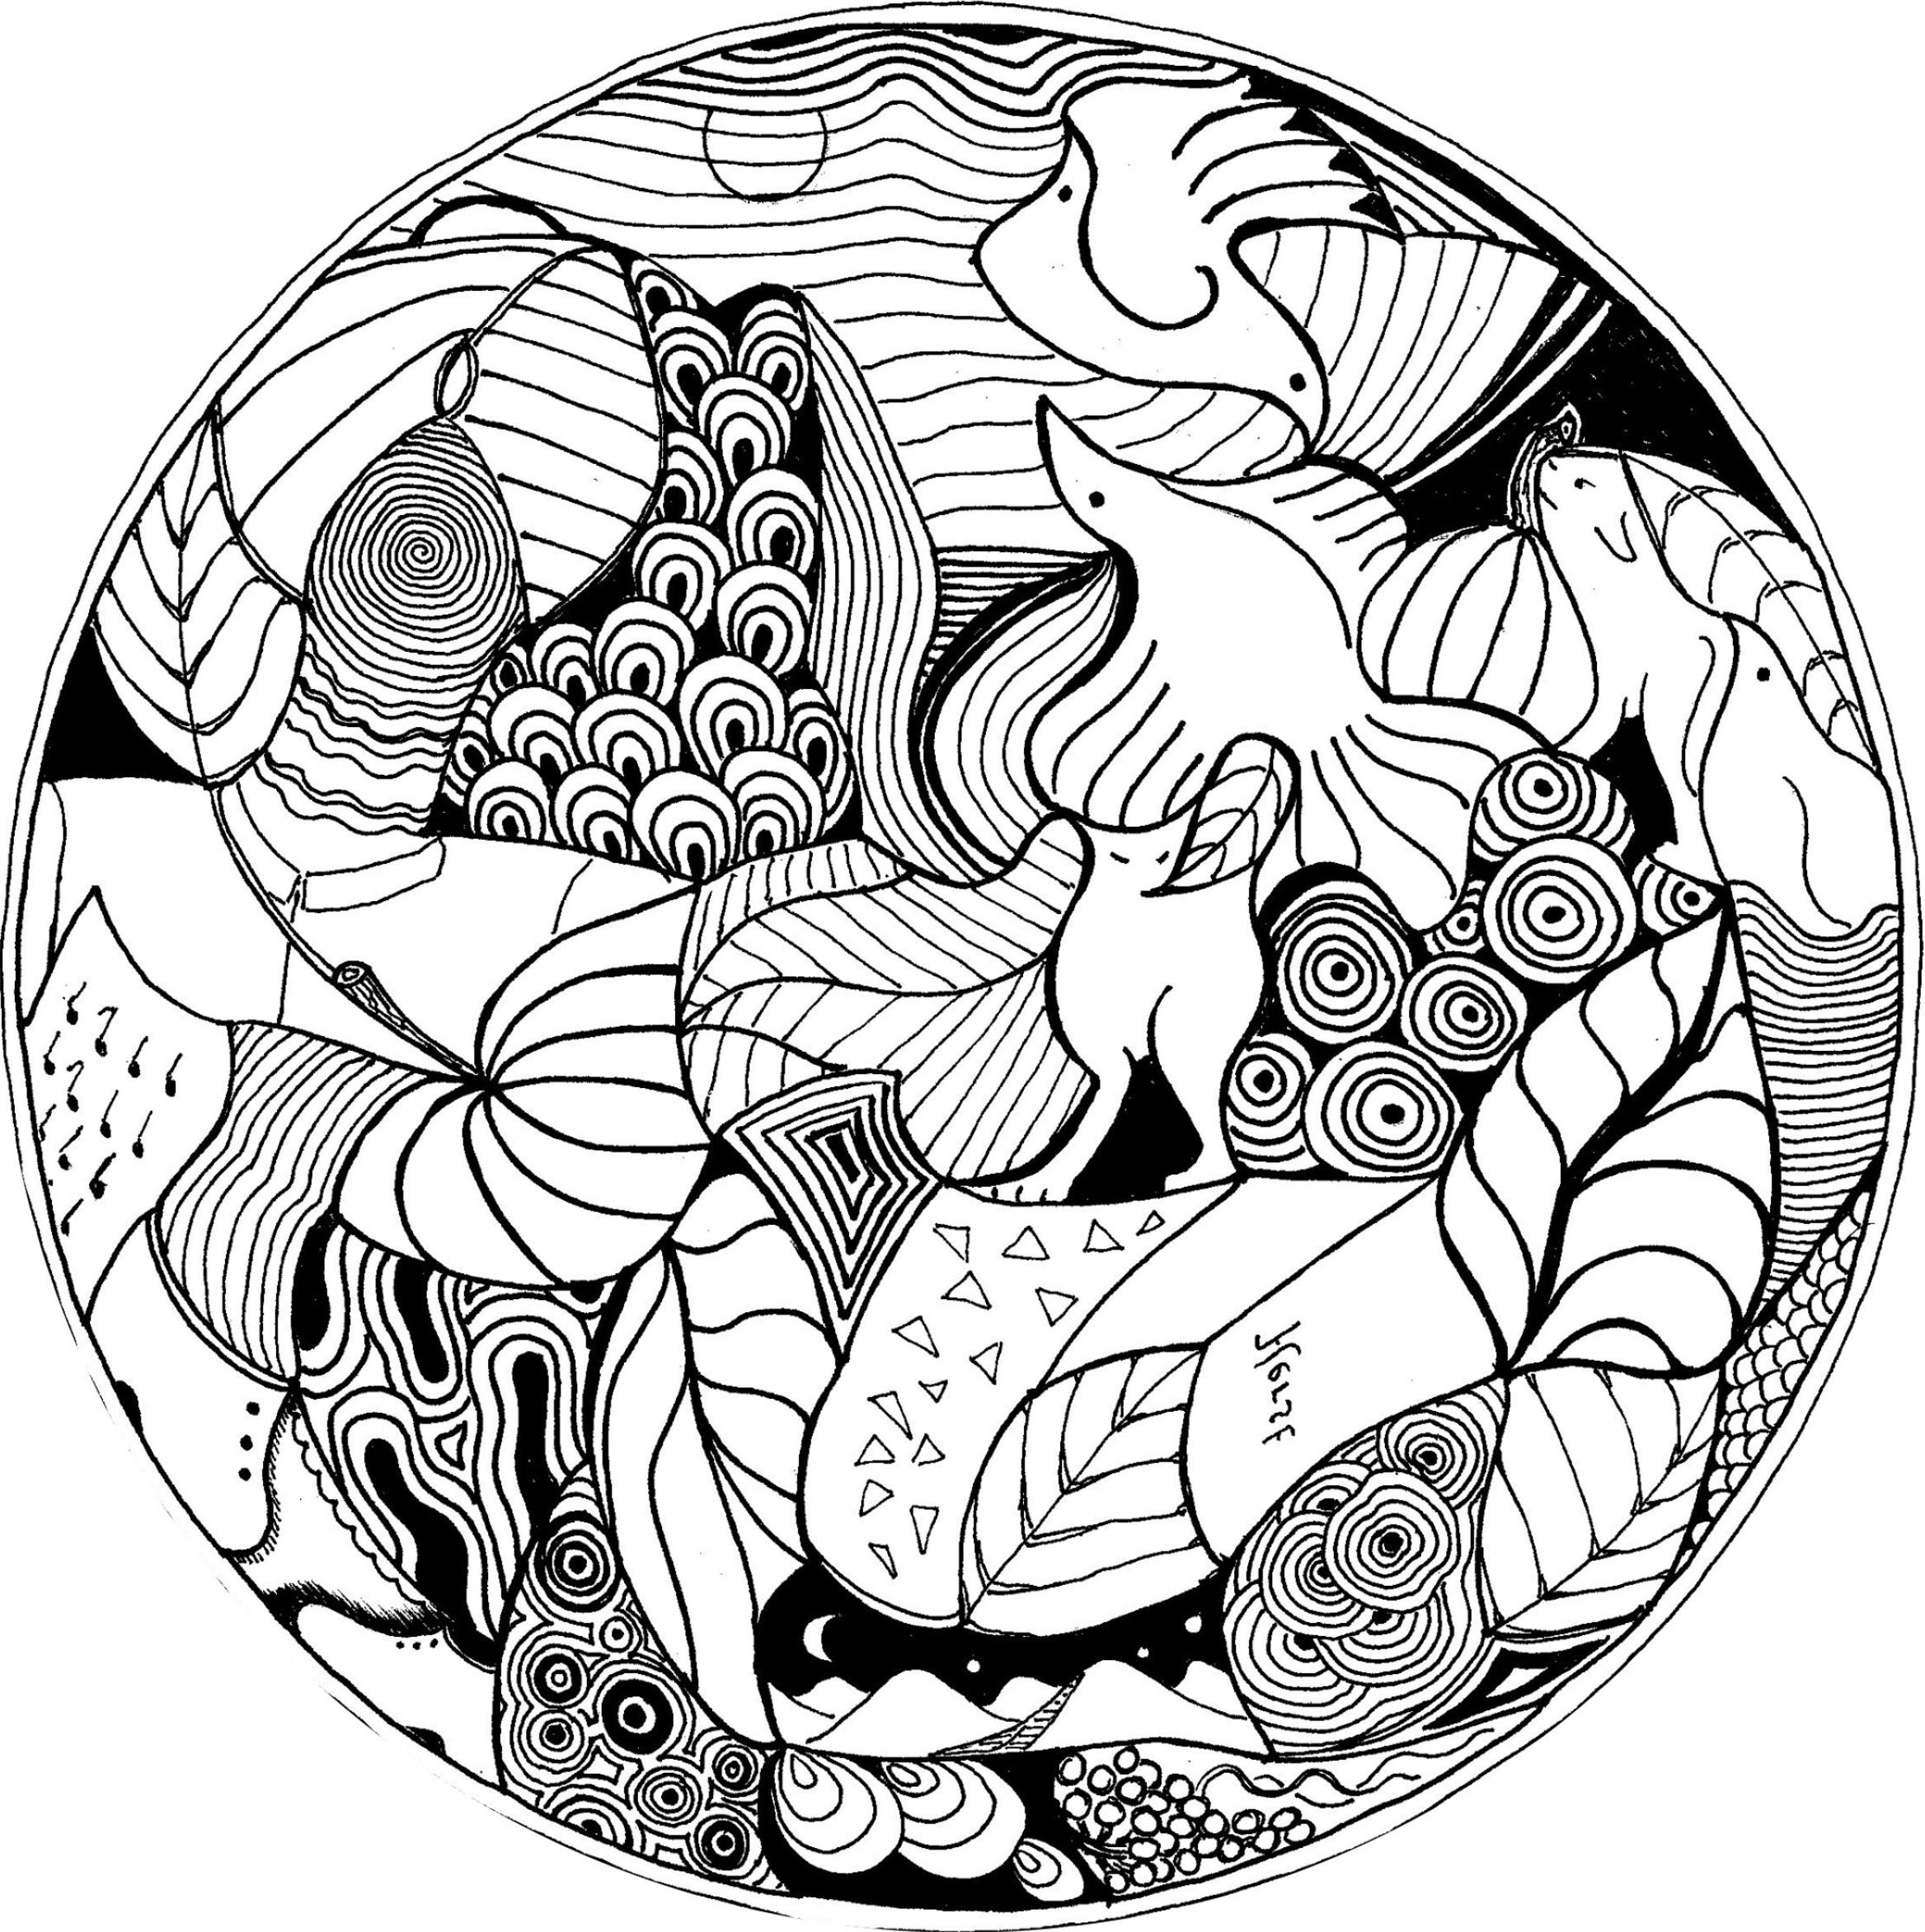 Coloriage Mandala Animaux encequiconcerne Coloriage De Mandala Difficile A Imprimer